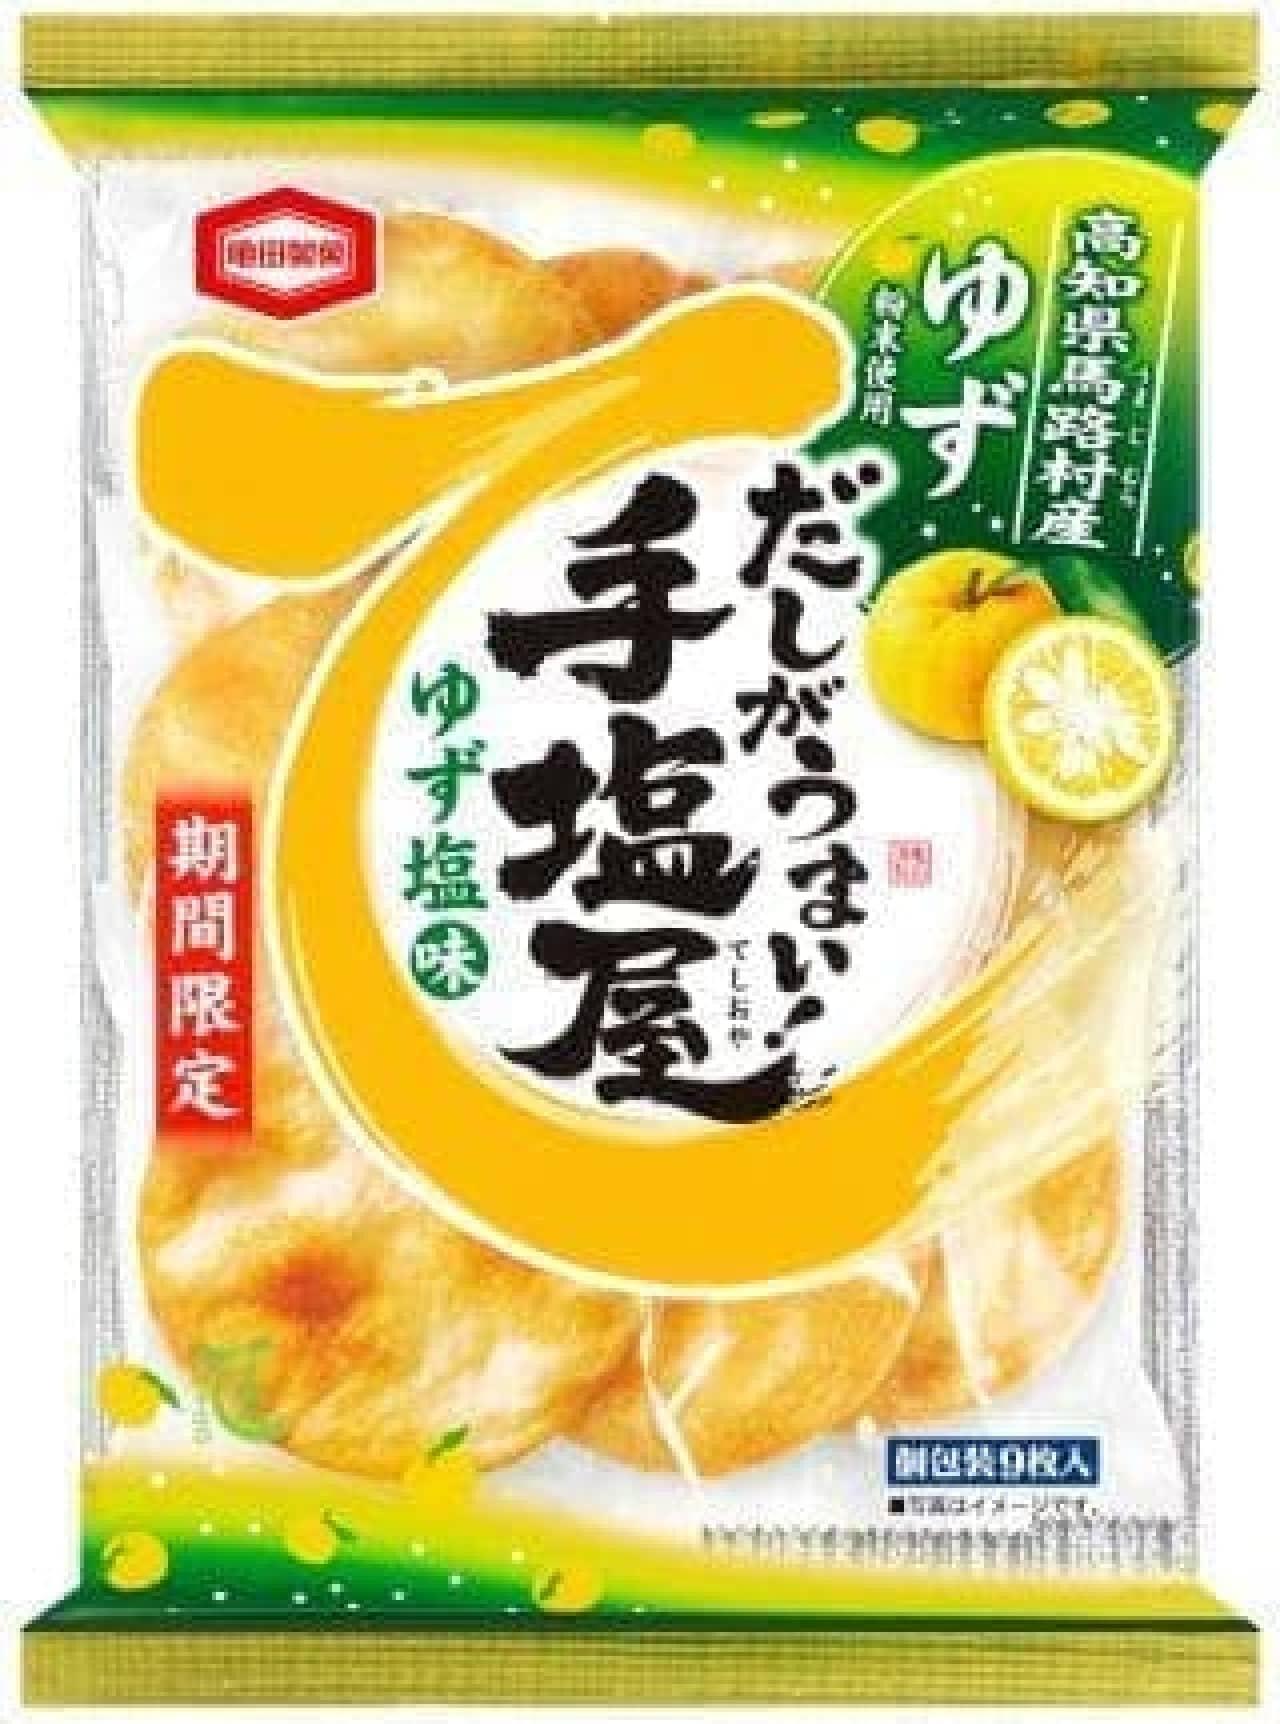 亀田製菓「9枚 手塩屋 ゆず塩味」